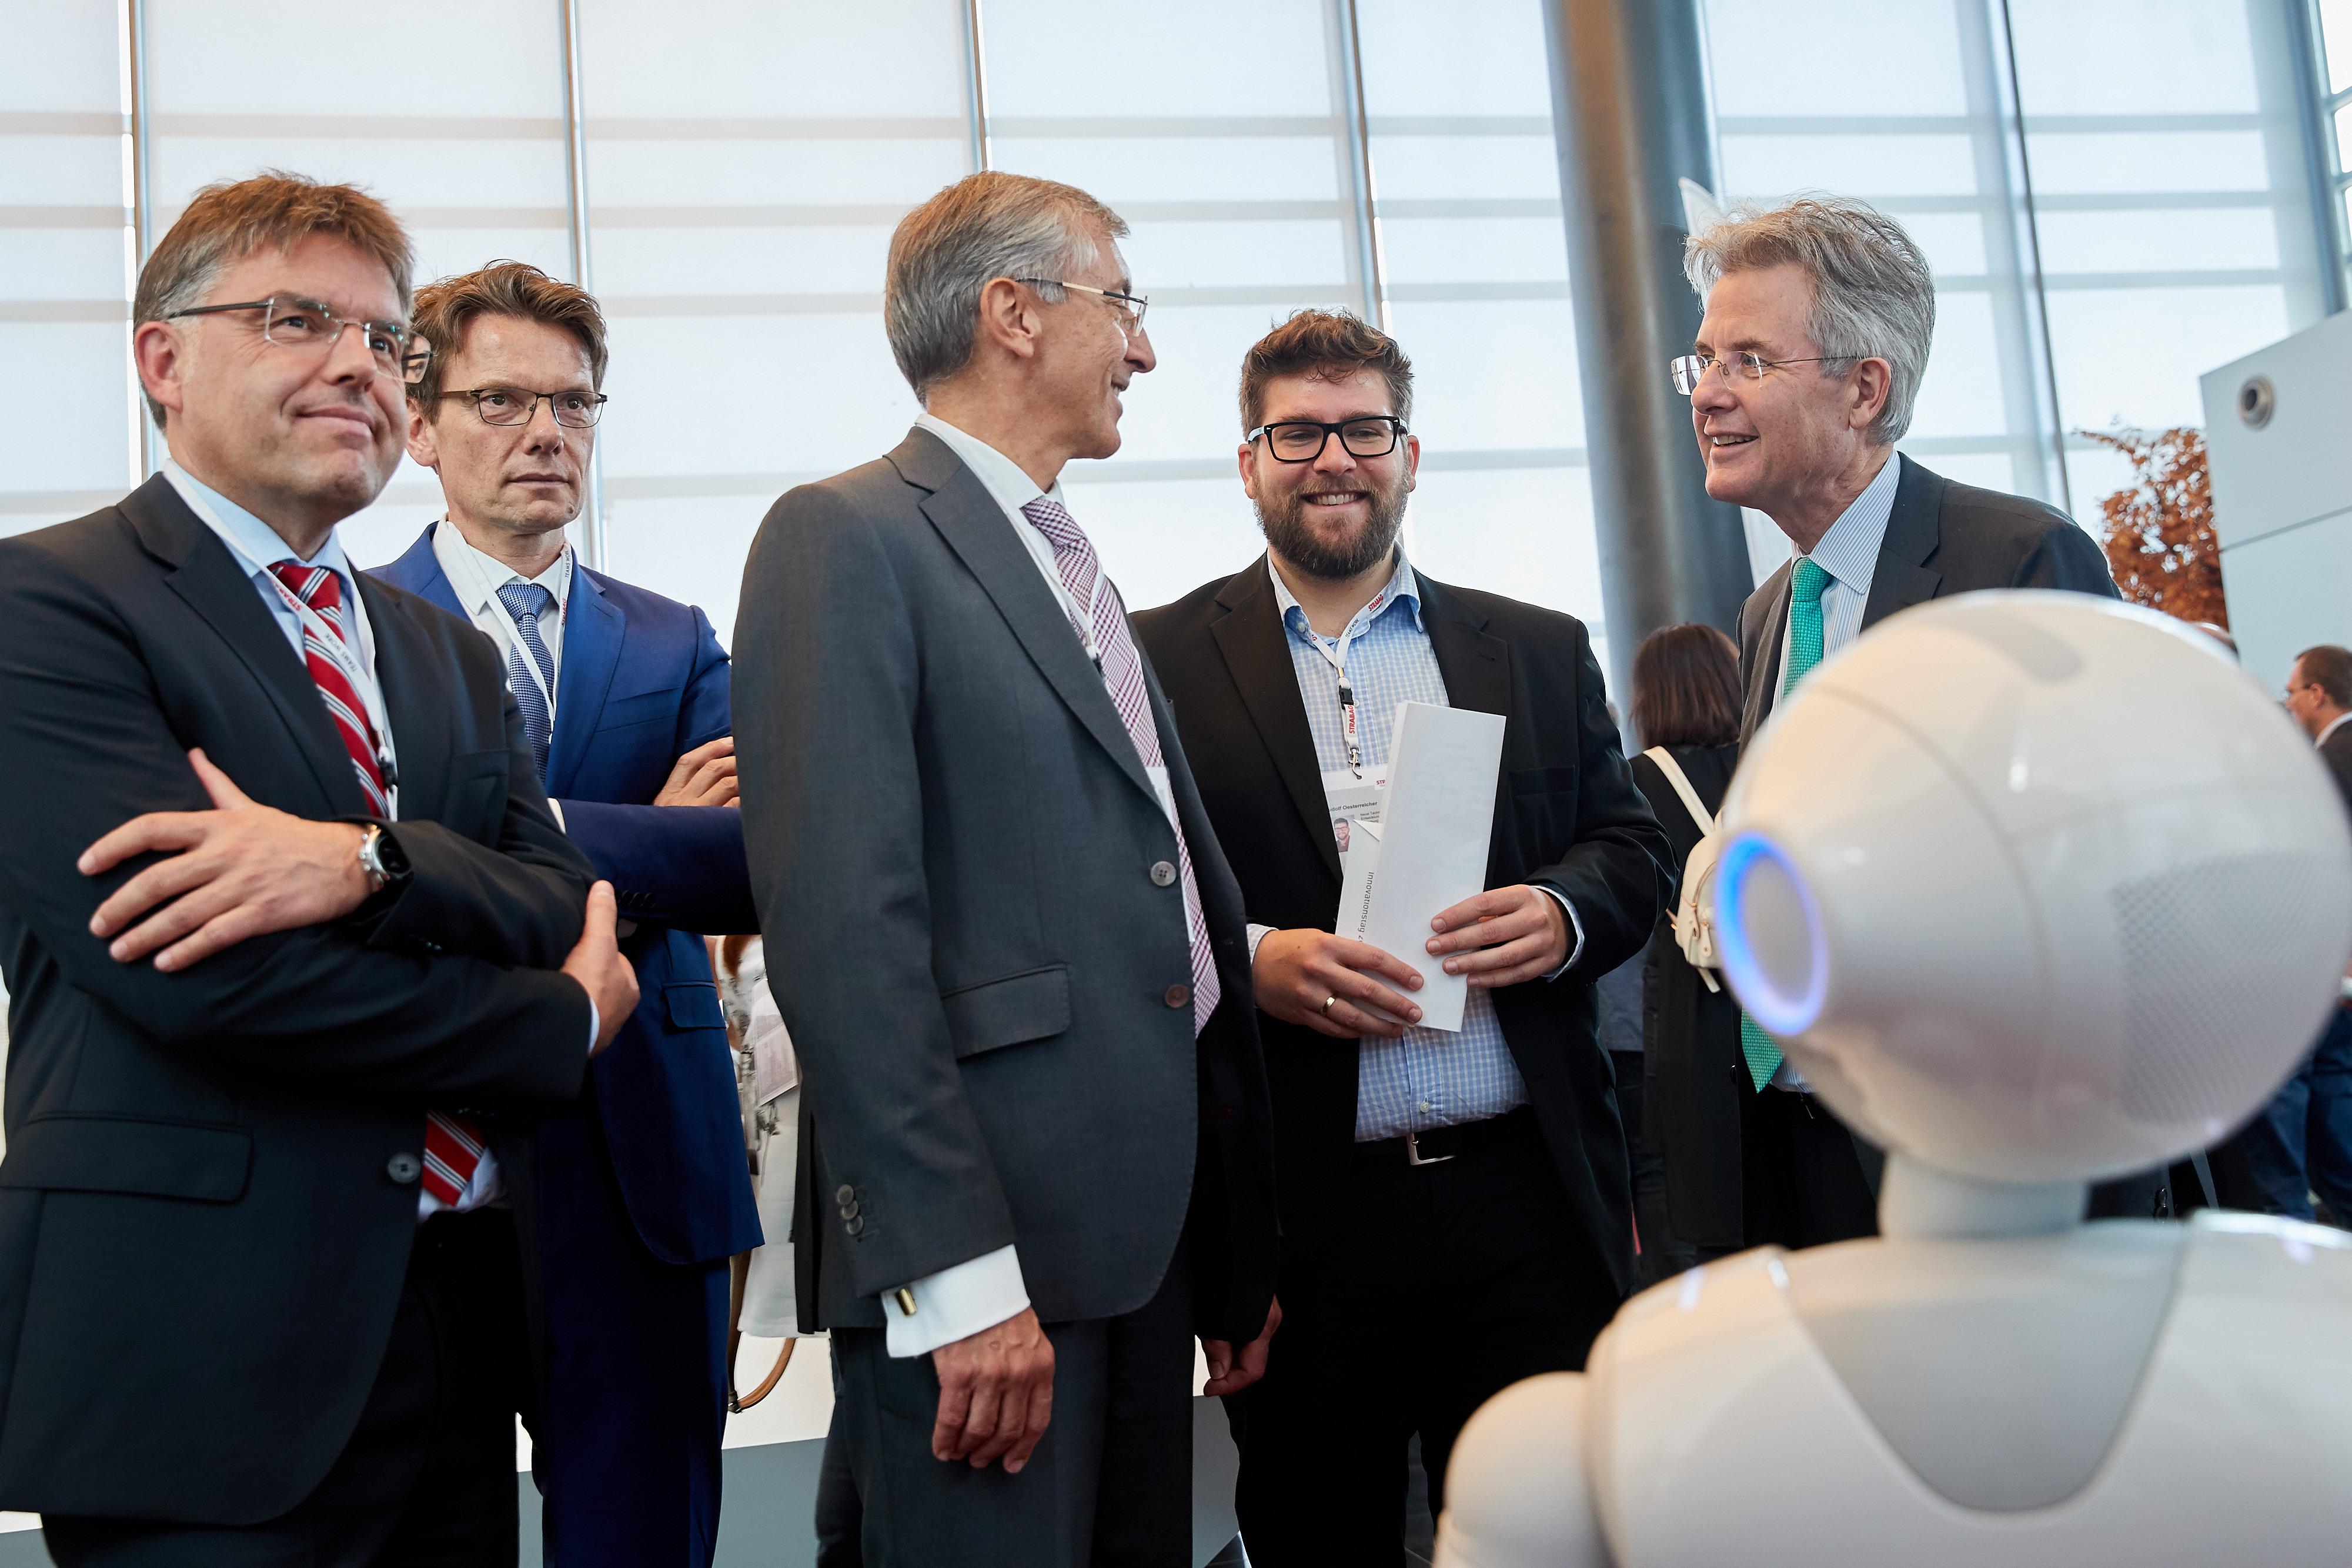 Vorstandsmitglieder beim STRABAG Innovation Day 2019